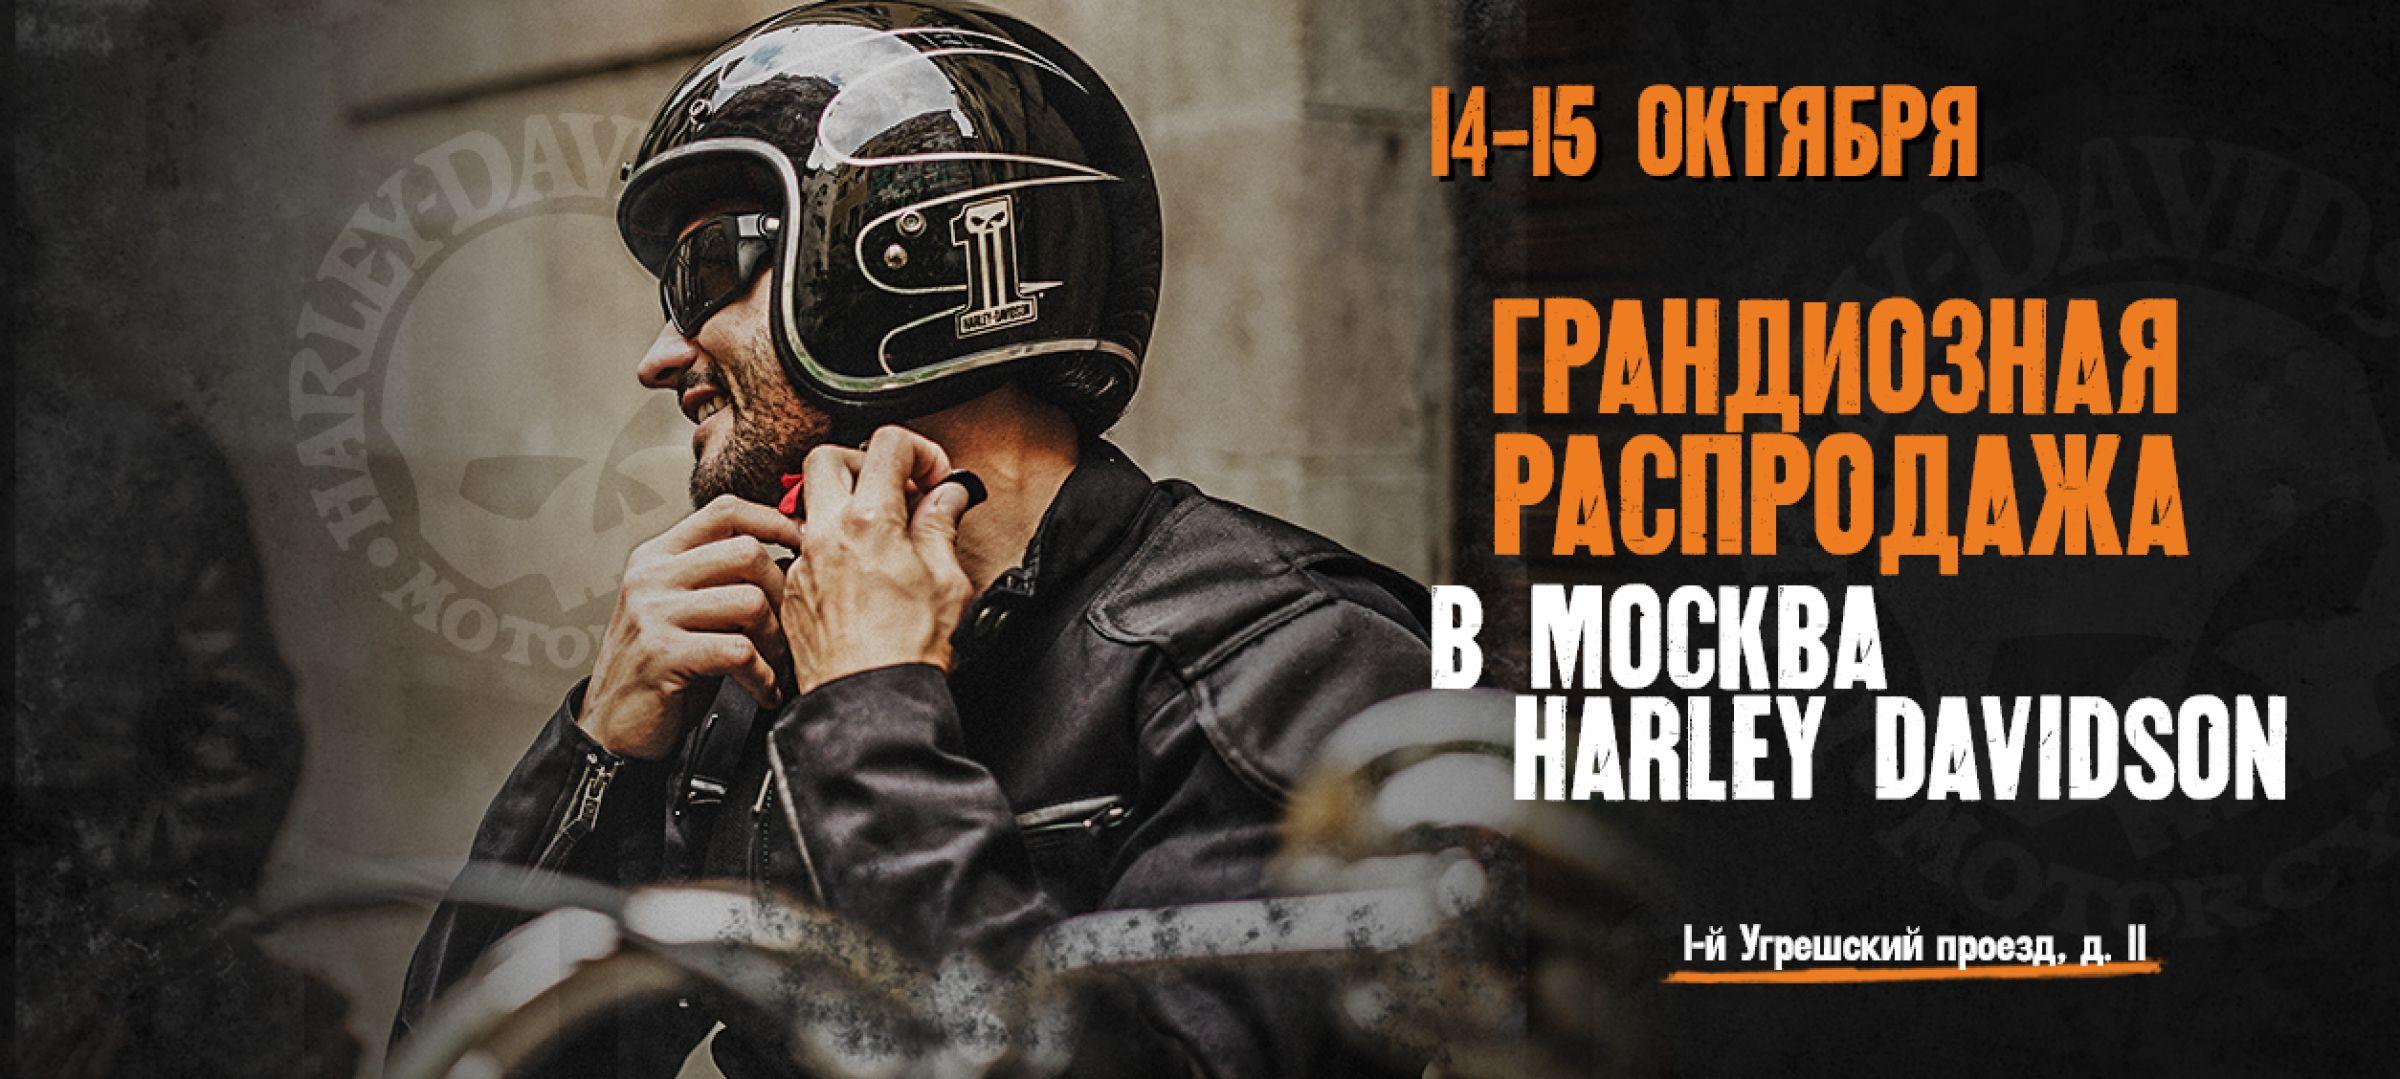 Москва harley-davidson®